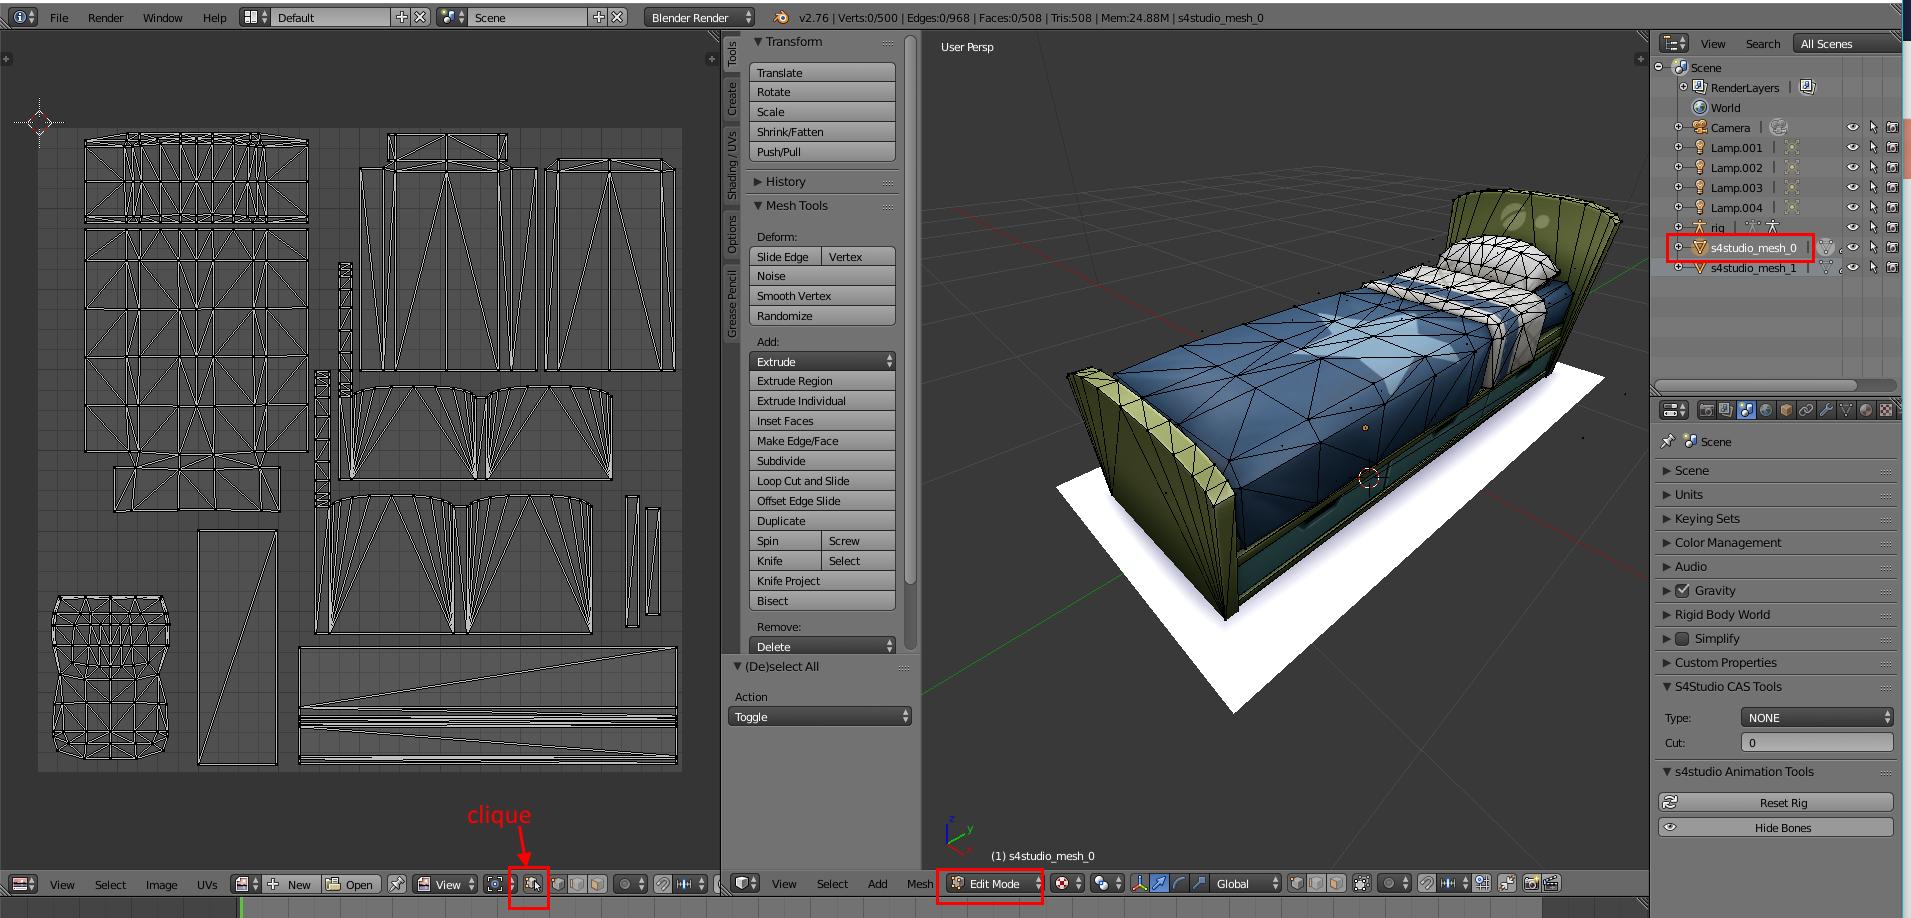 [Sims 4/Blender - Création d'un mesh] Aide à la création d'un nouveau mesh 3D 120